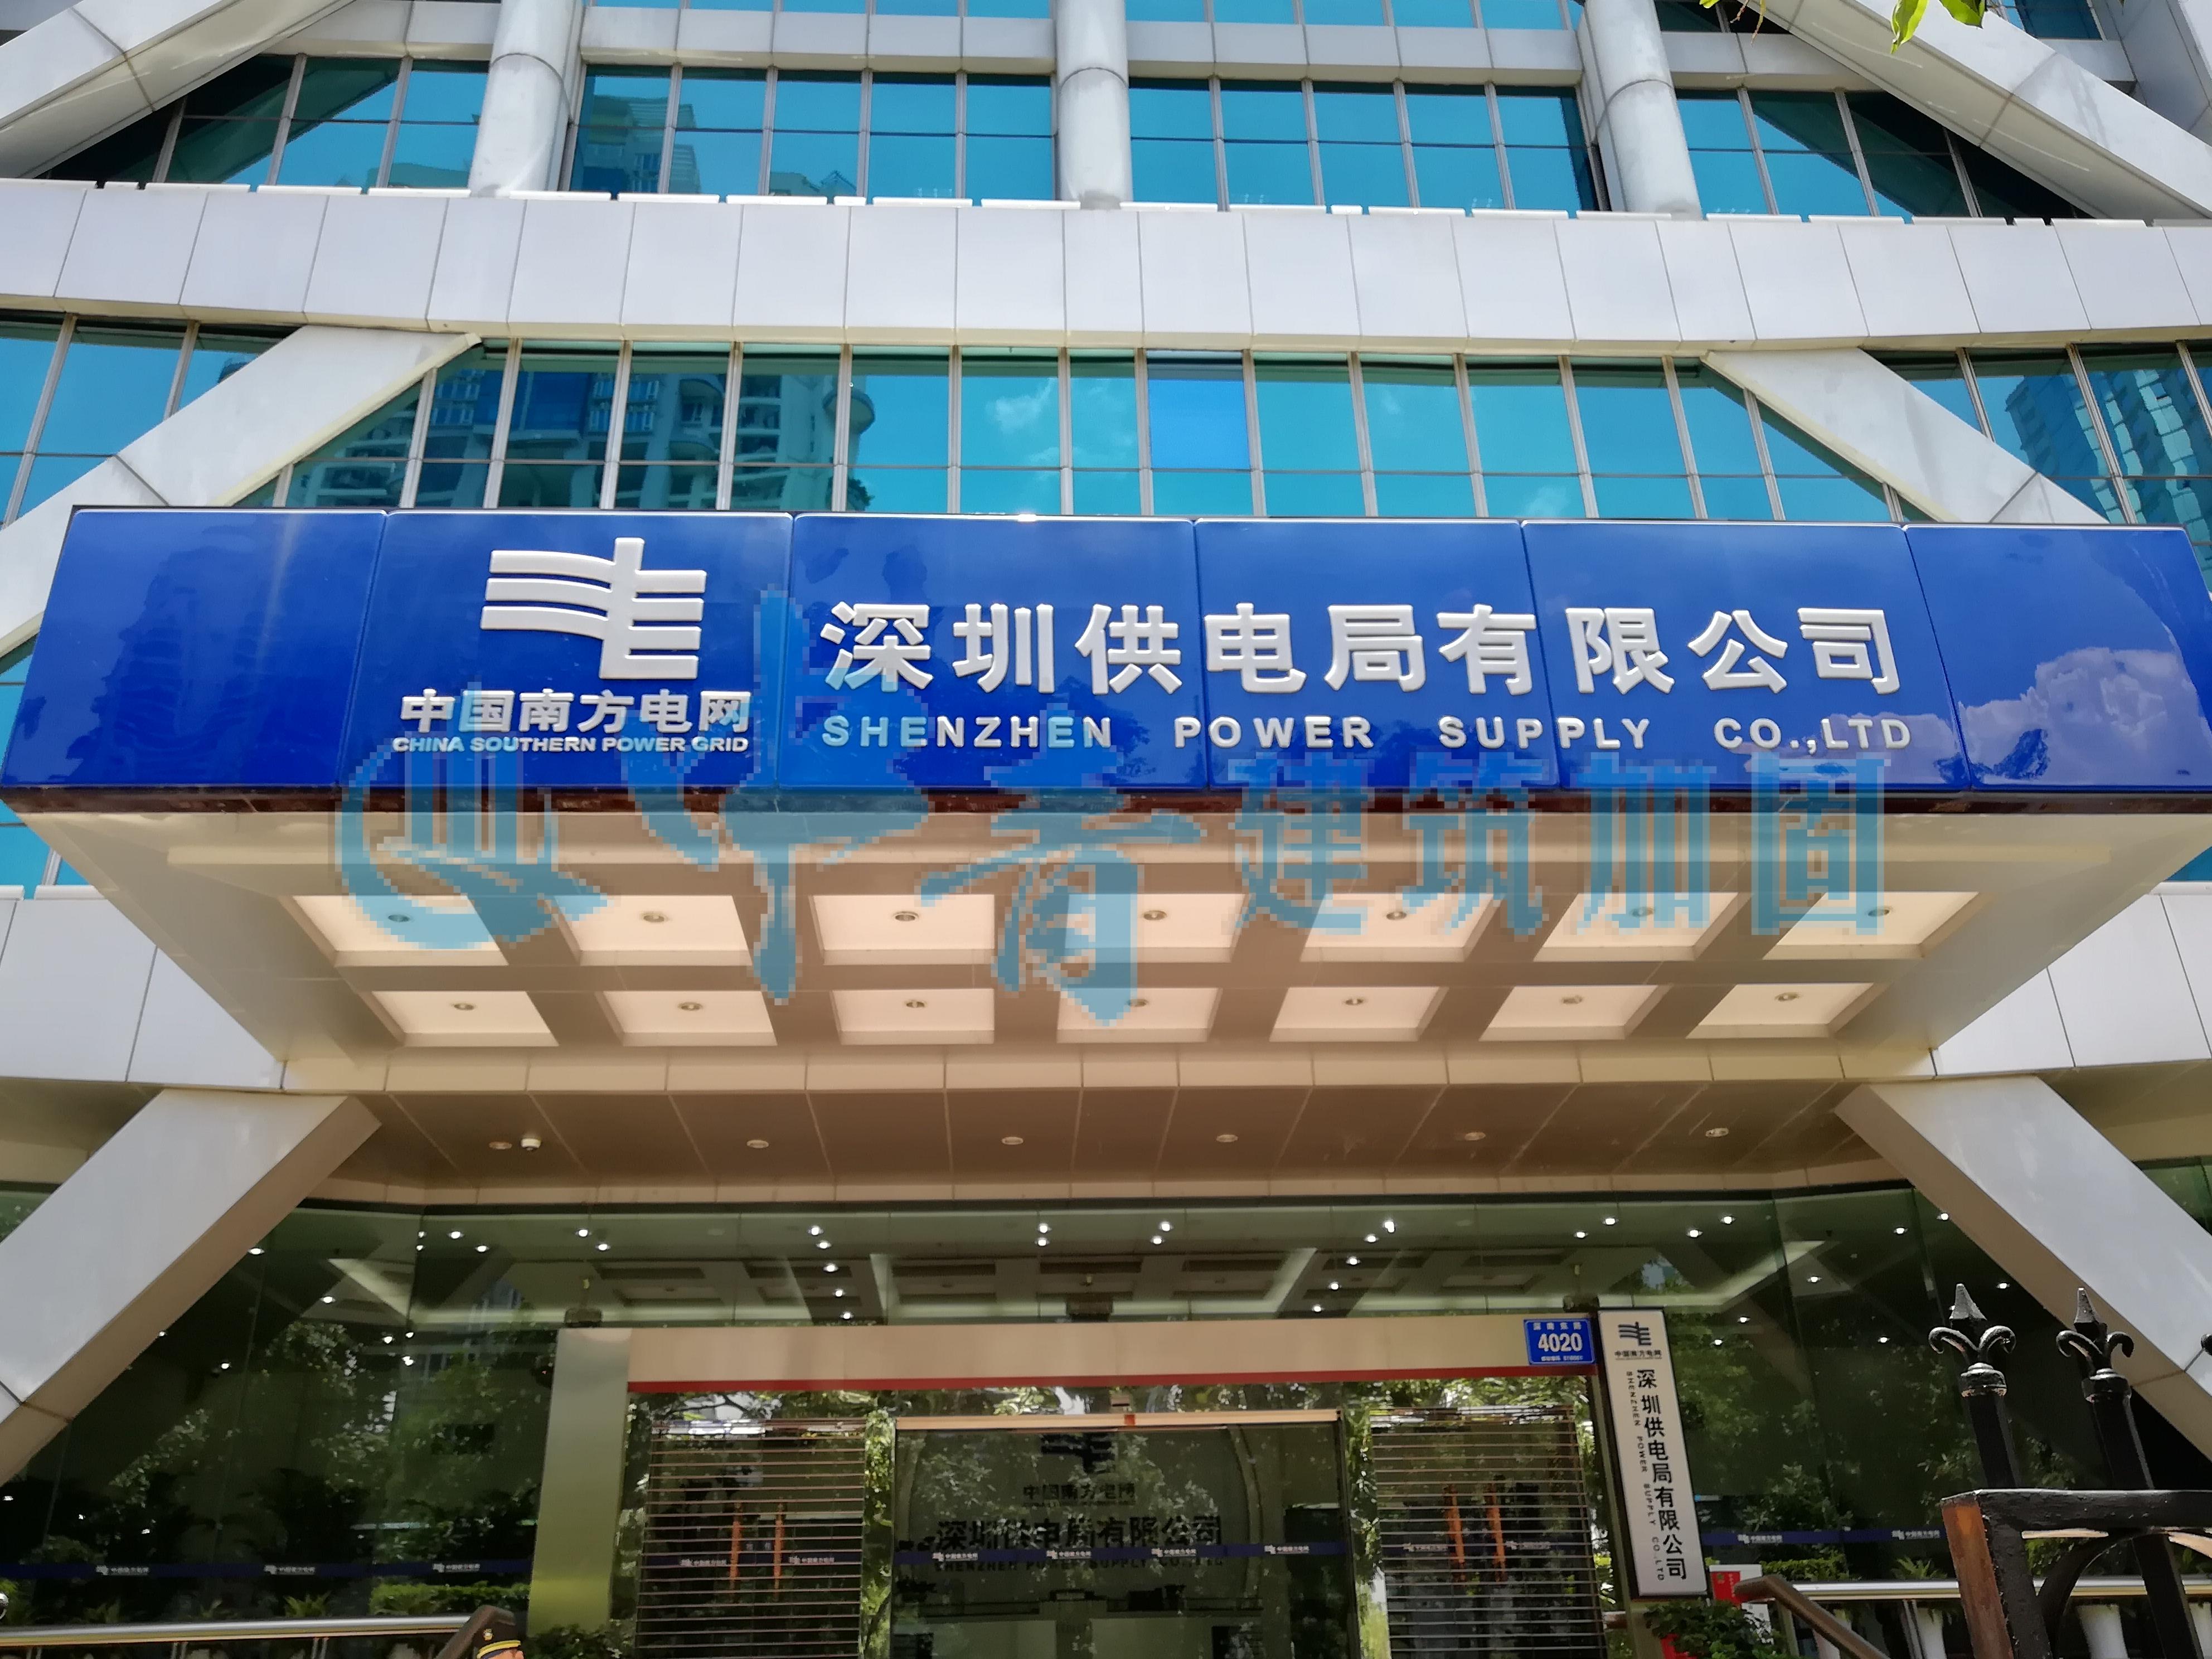 深圳南方电网信息机房升级加固工程